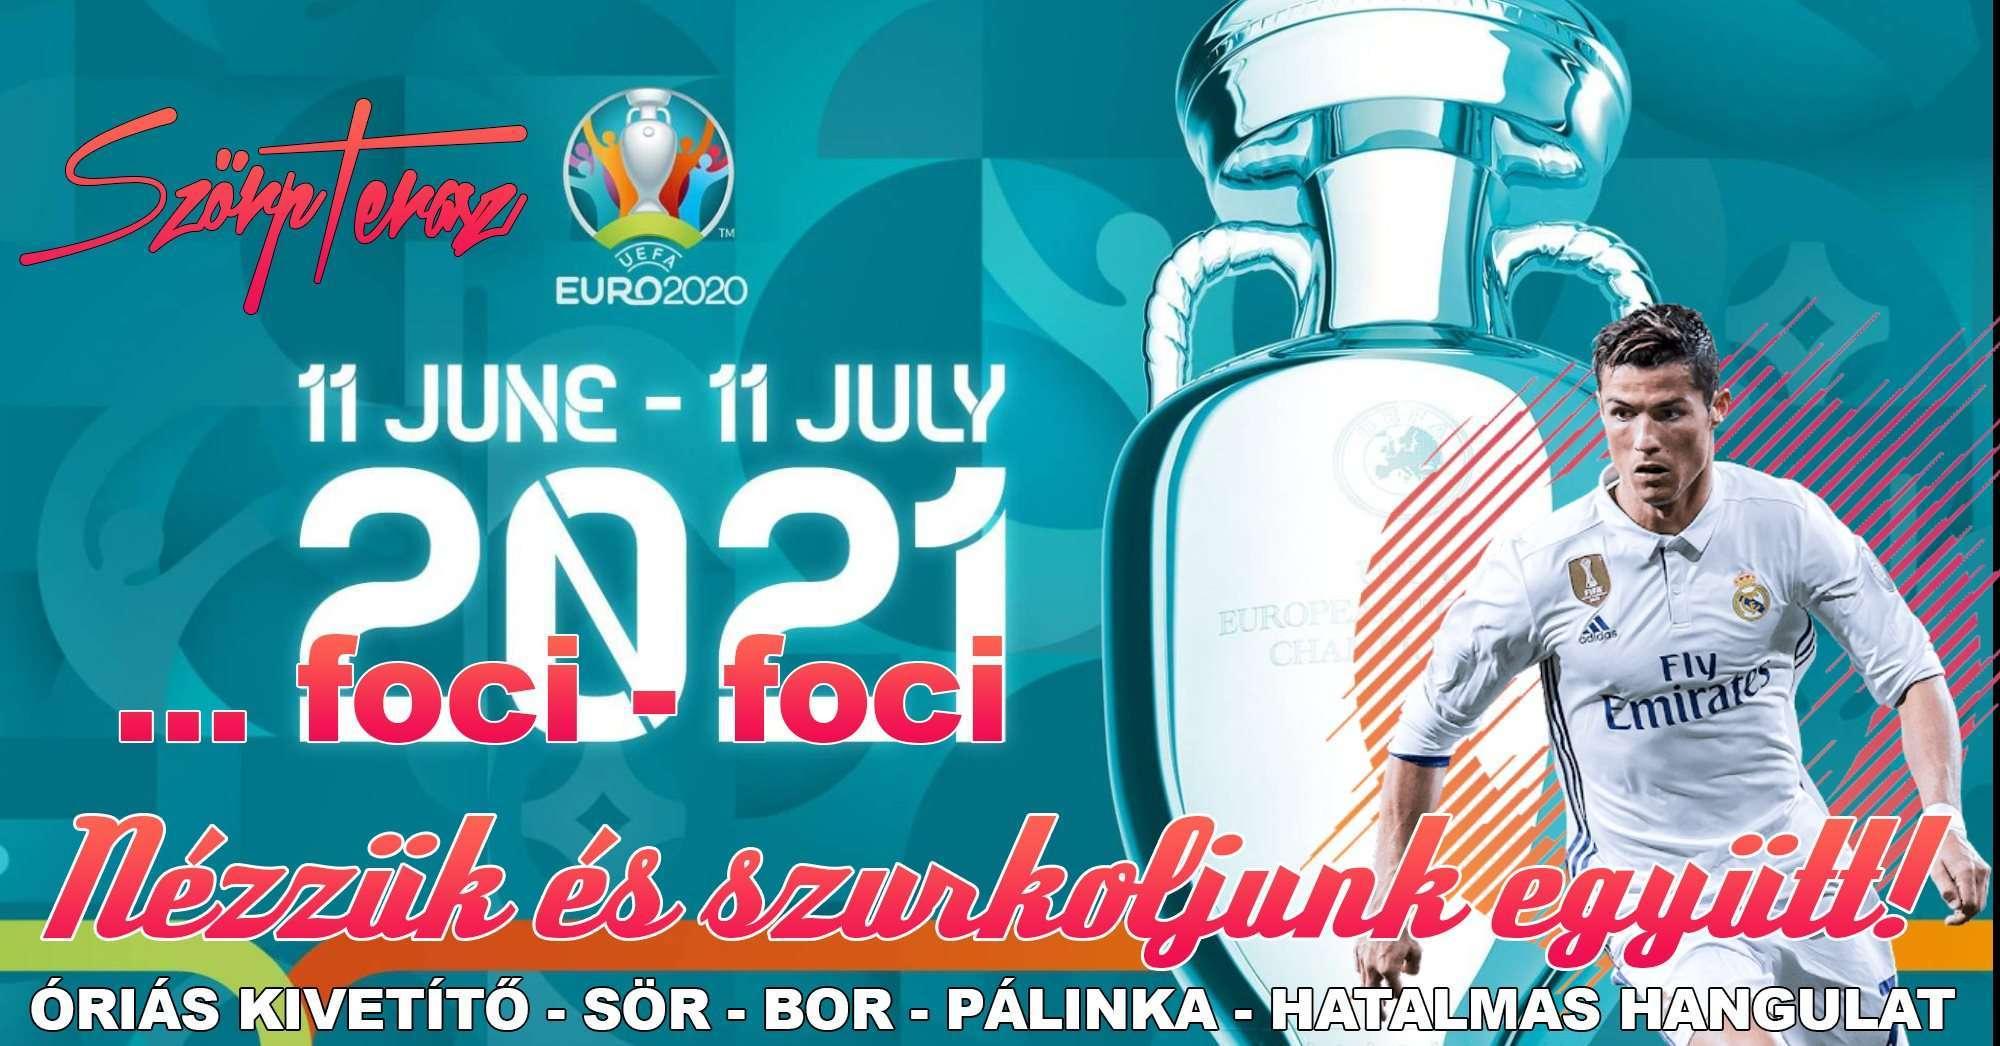 szorp-terasz-06-11-foci-eb-szorpterasz-itt-mindenki-osszejon